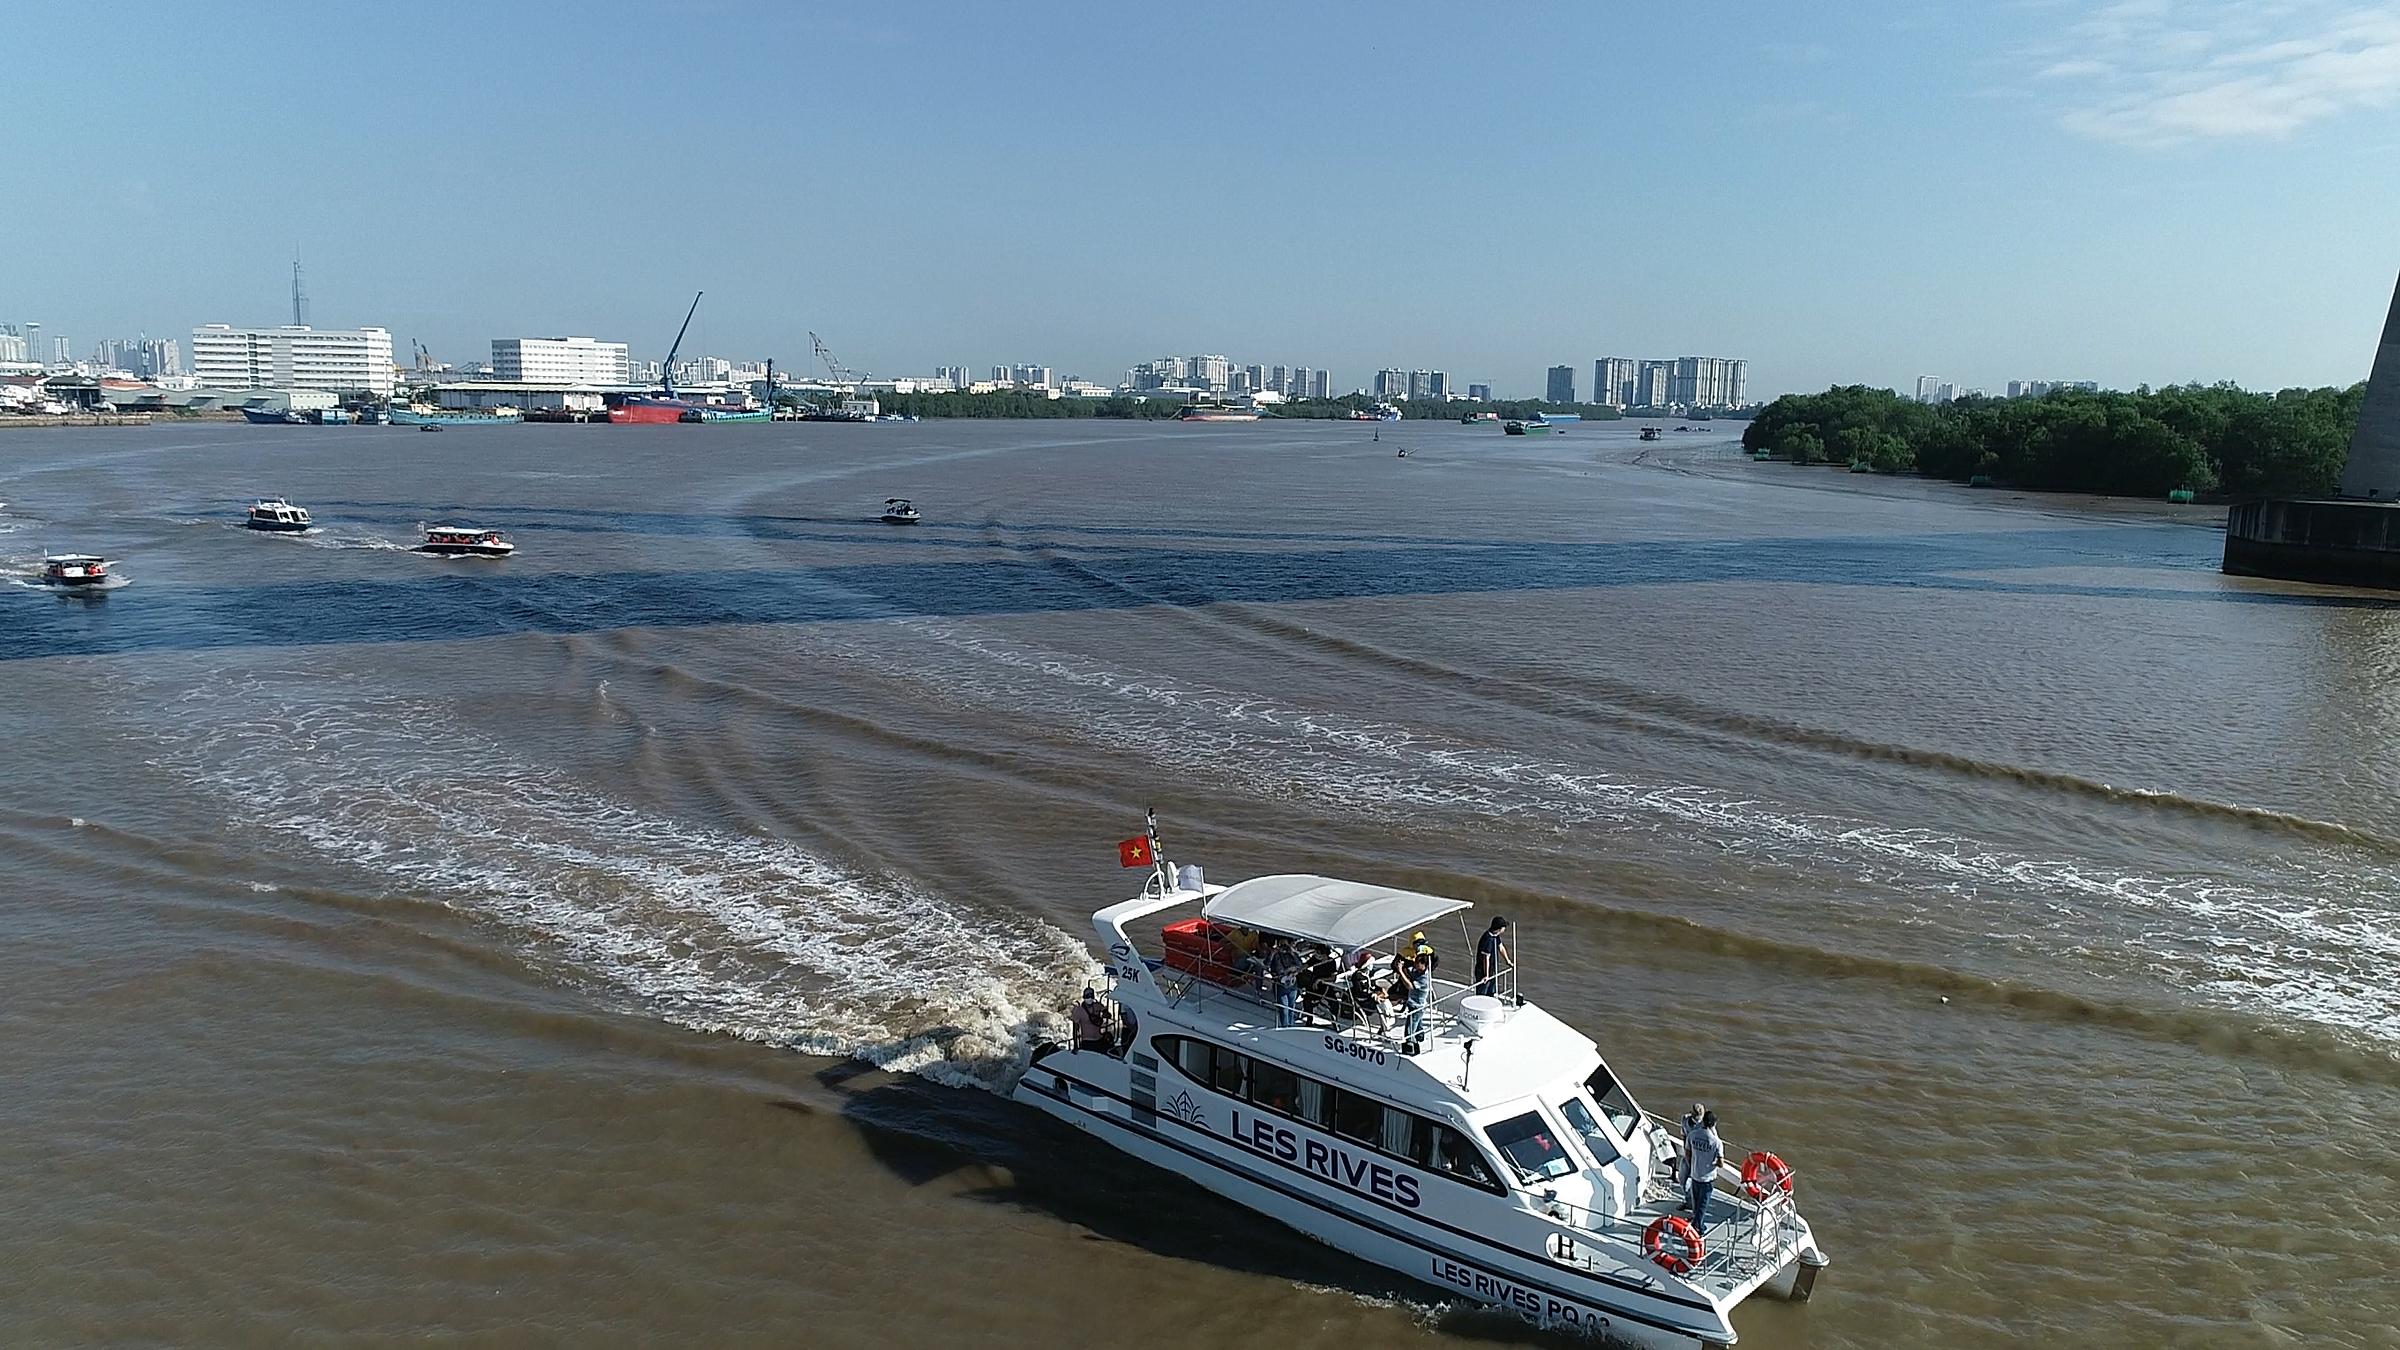 Khách hàng, nhà đầu tư tham gia tour trải nghiệm đường sông, tham quan nhà mẫu đô thị đảo Phượng Hoàng. Ảnh: Novaland.